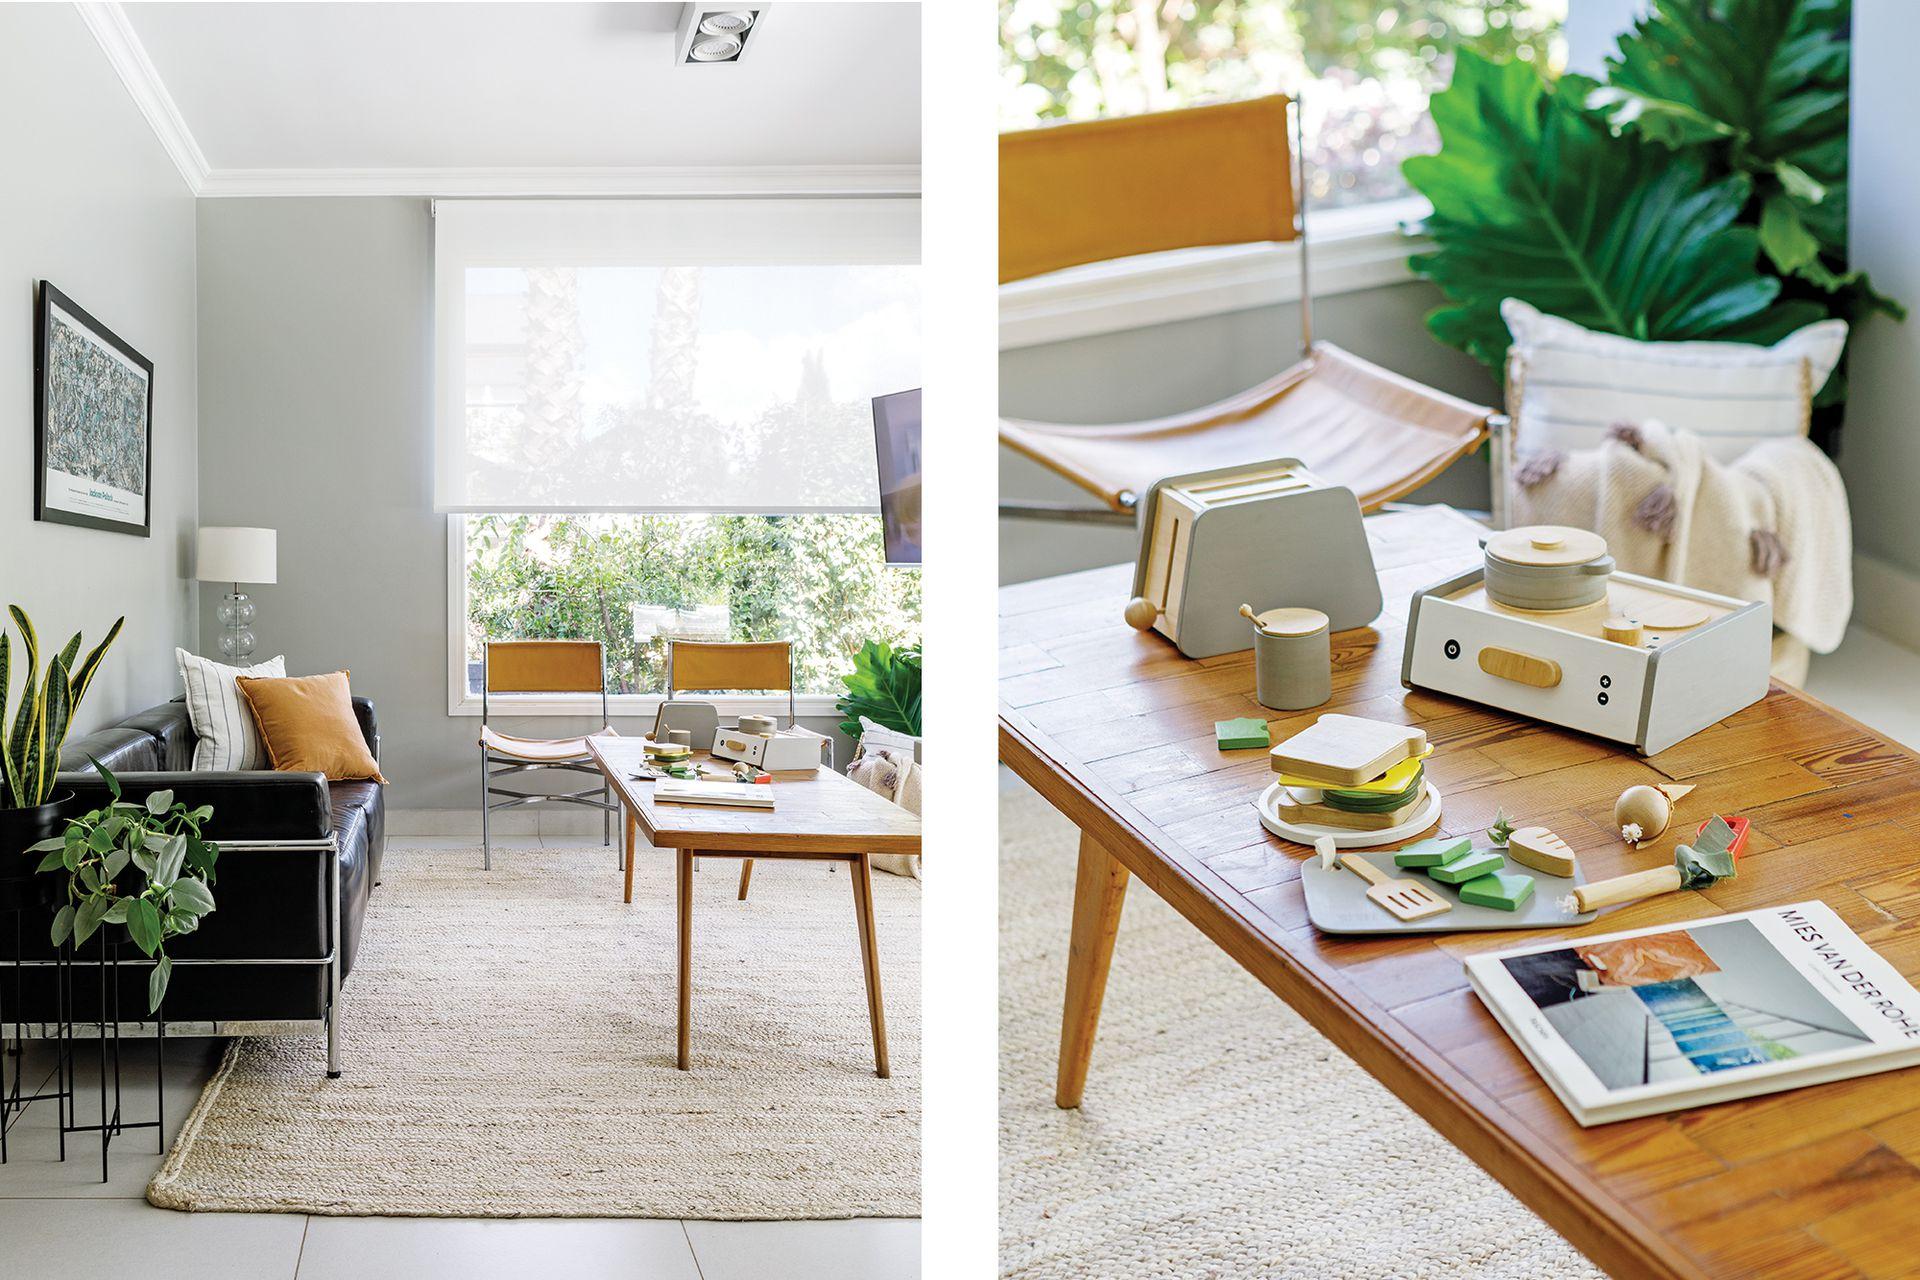 En el estar, sillón estilo Le Corbusier con almohadones (Lote Propio). Lámpara (Red Sur). Mesa de pino tea y sillas (Antigüedades El Viejo Taller). Juguetes de madera (Lola y Chango). Macetas con plantas (Ciudad Naturaleza).